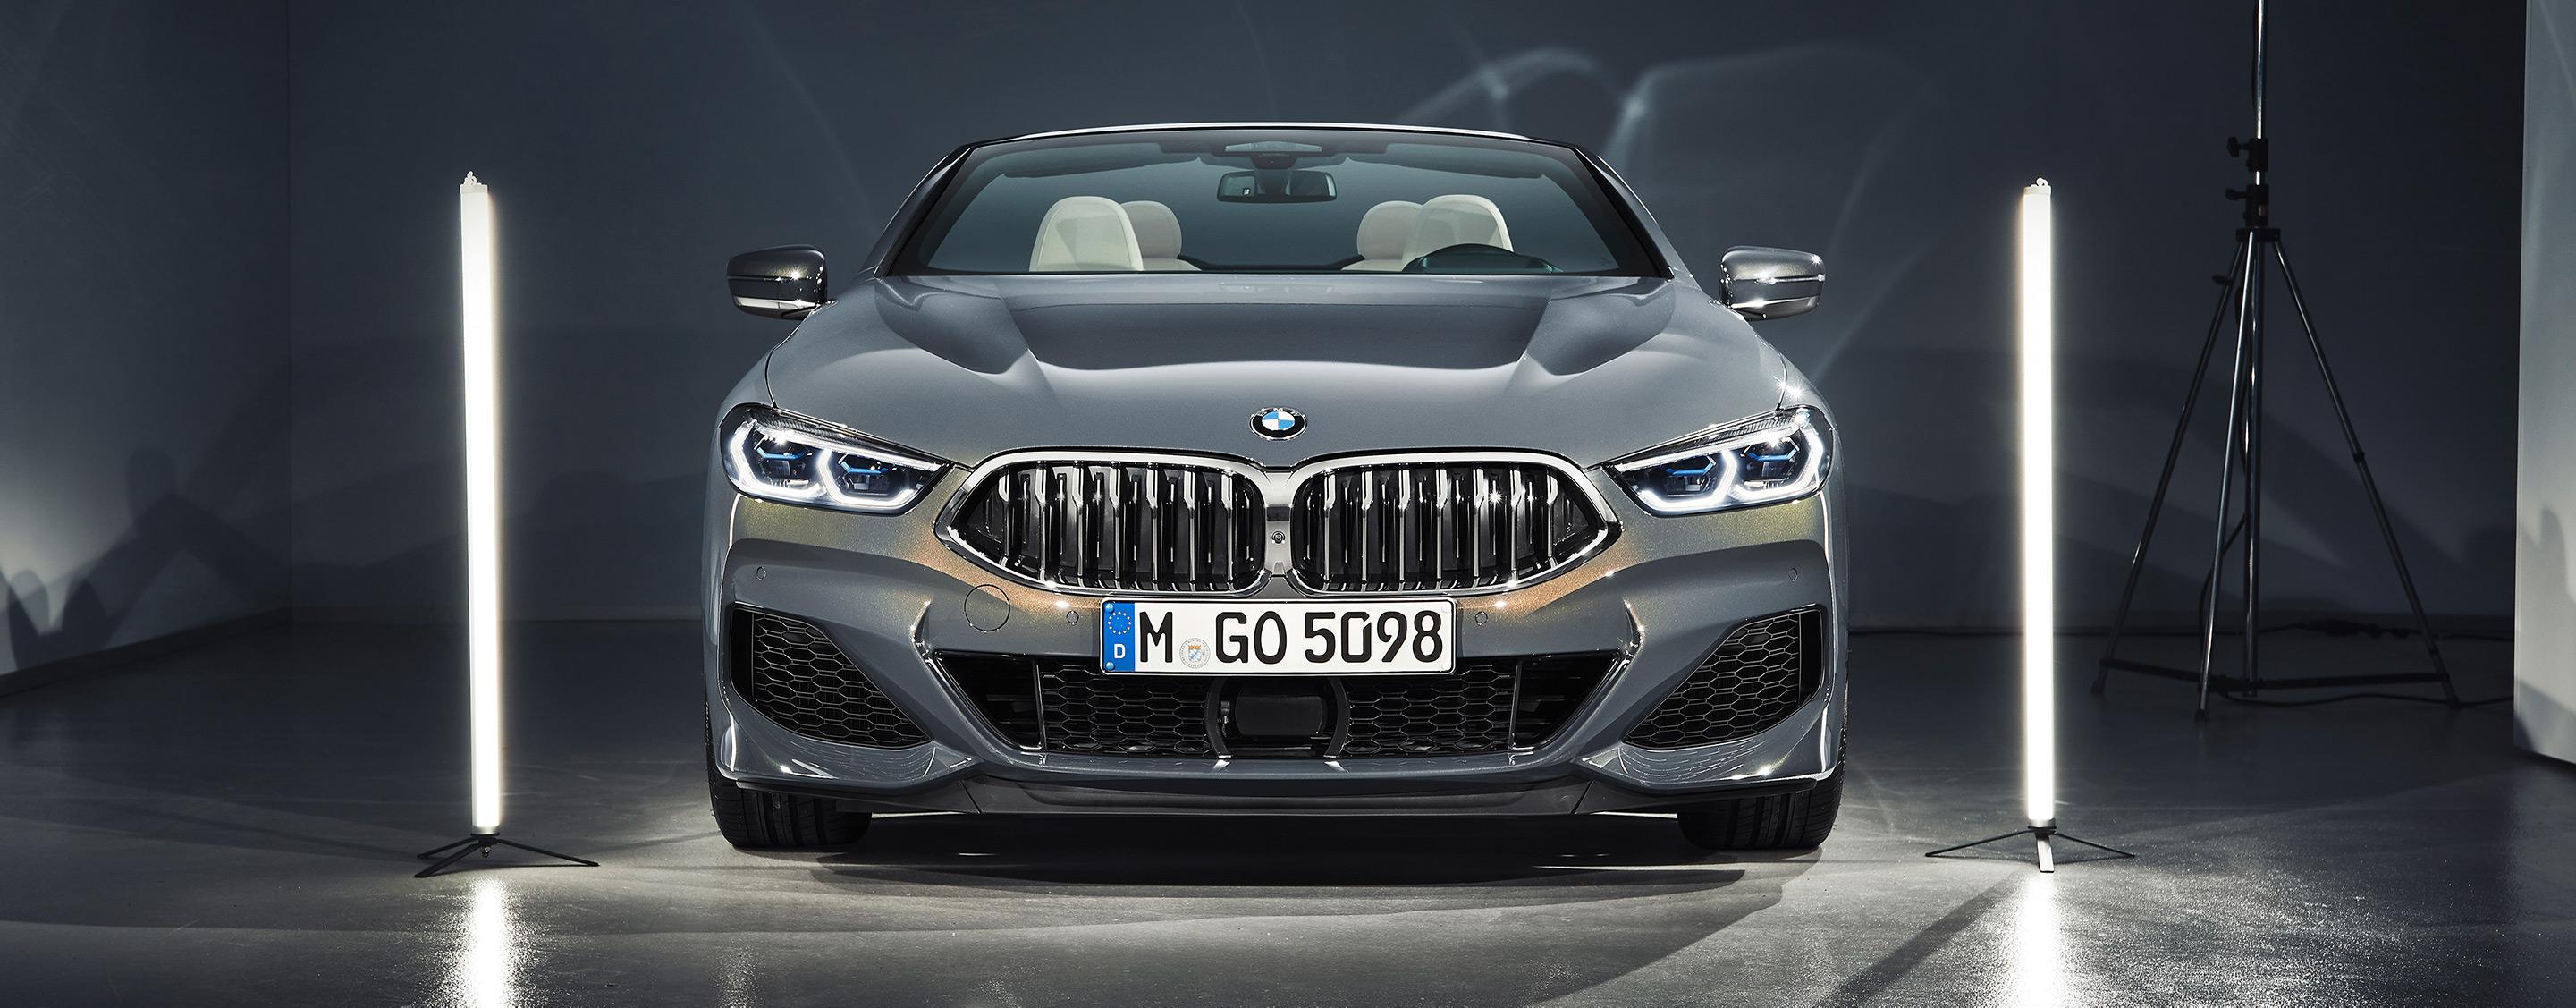 TrackWorthy - BMW M850i Cabriolet xDrive (17)-wide